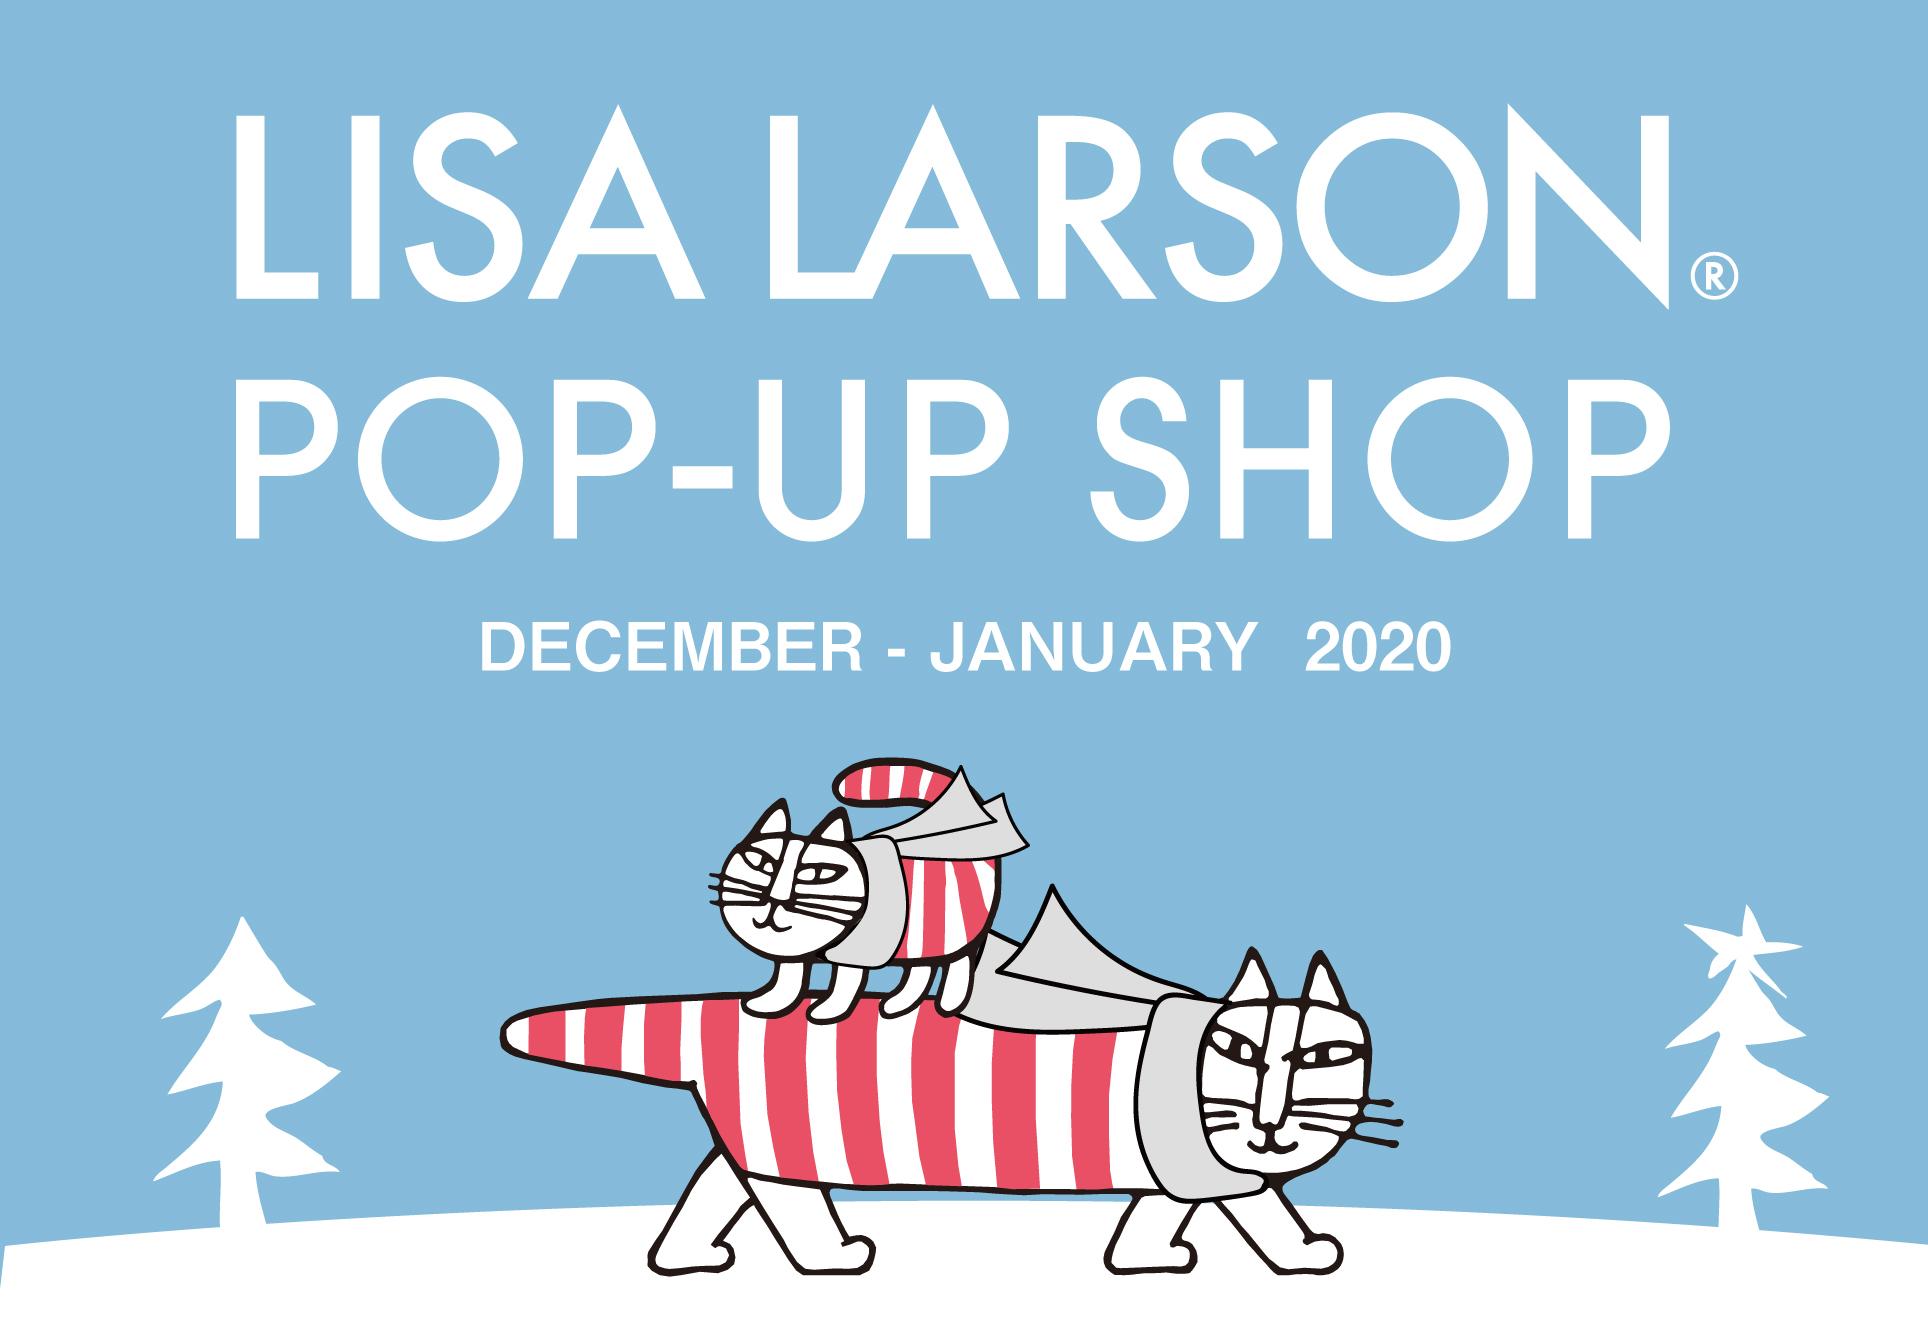 【2019年12月~2020年1月 イベント情報 】- LISA LARSON POP-UP SHOP-